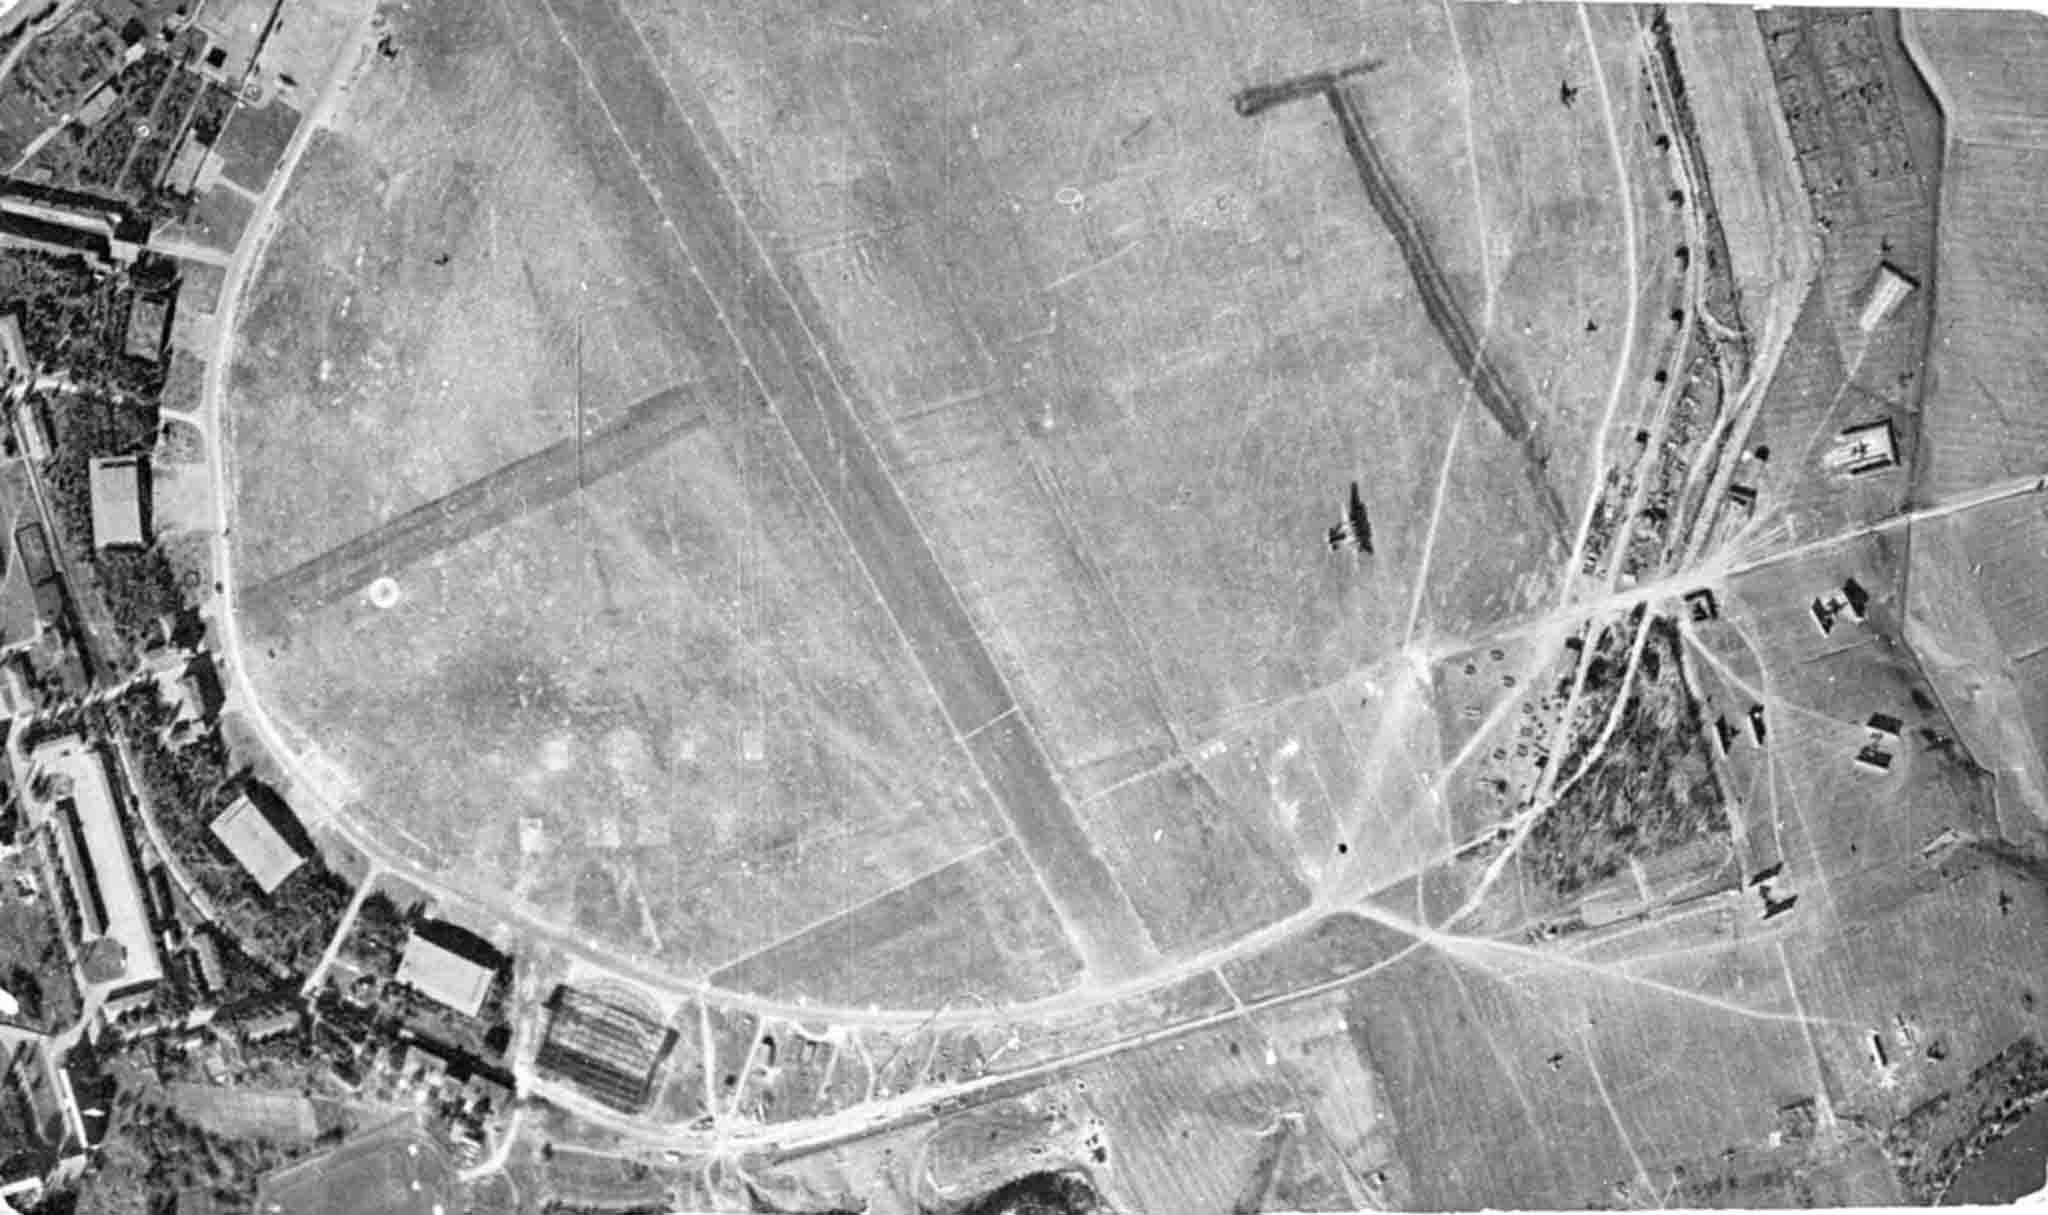 Saki airfield